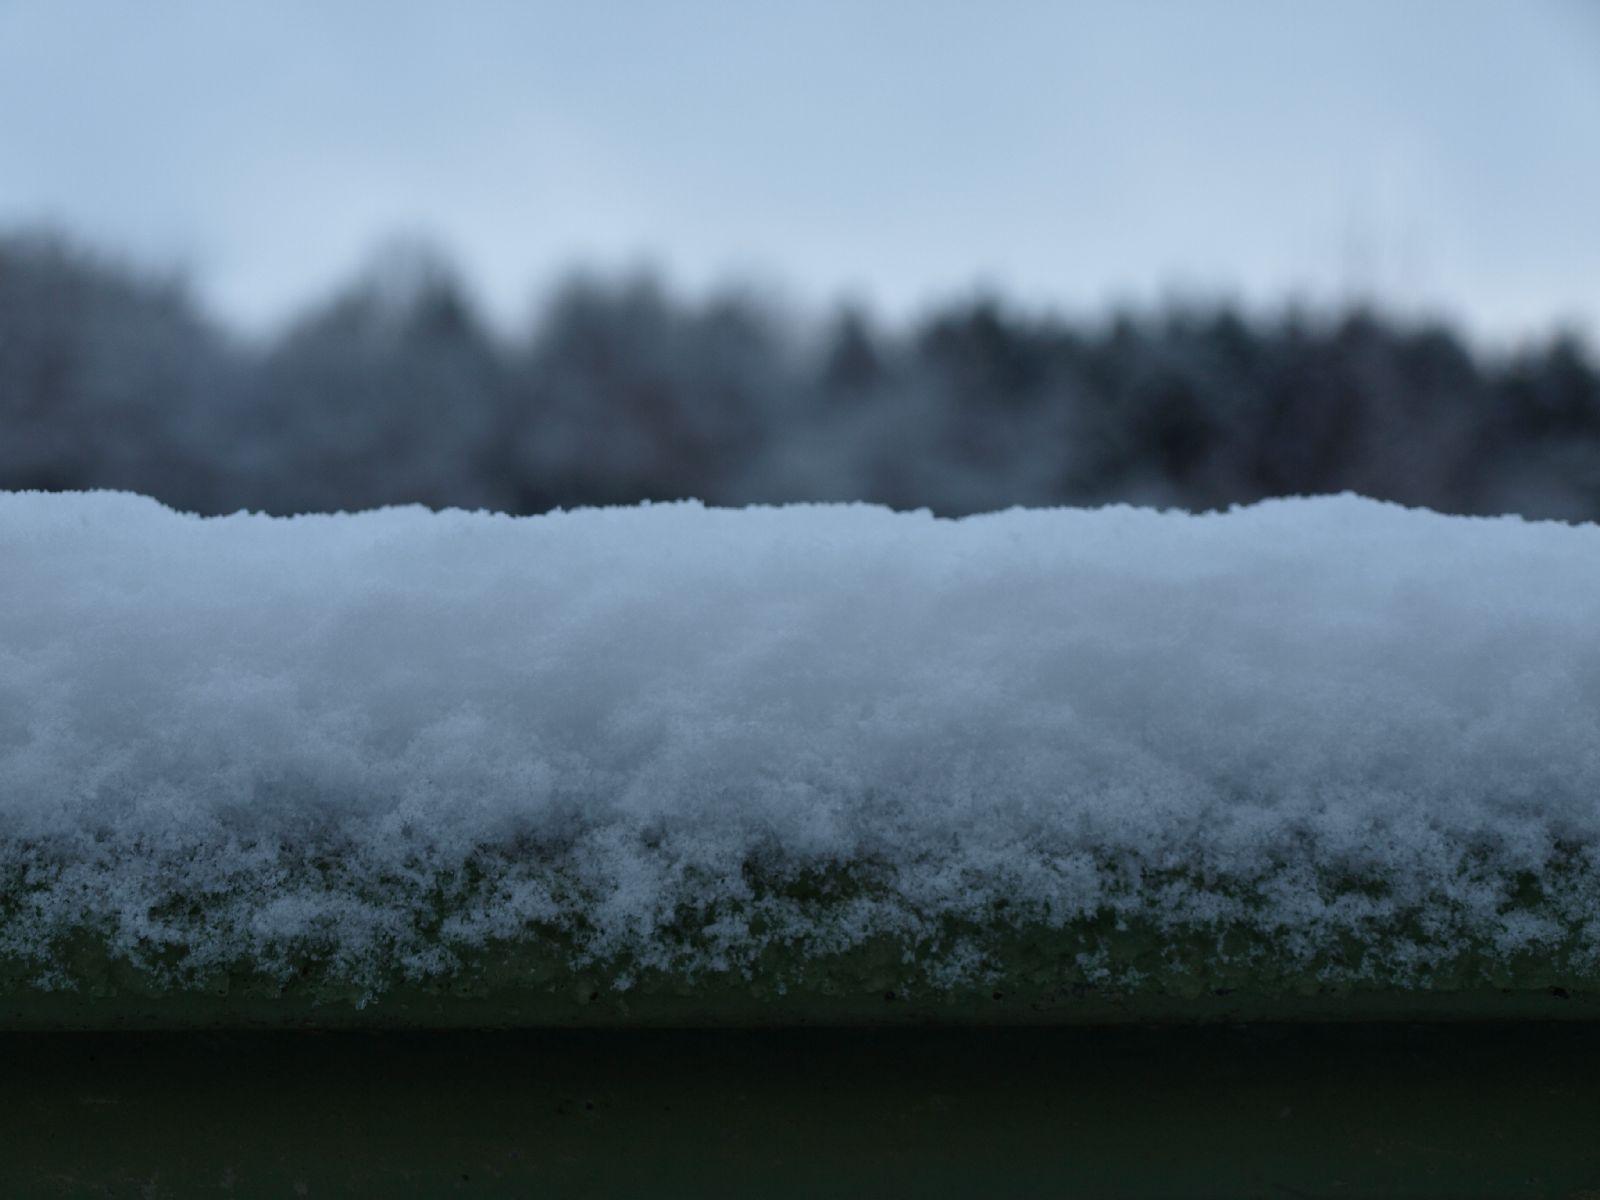 Snow_Texture_A_PB226733